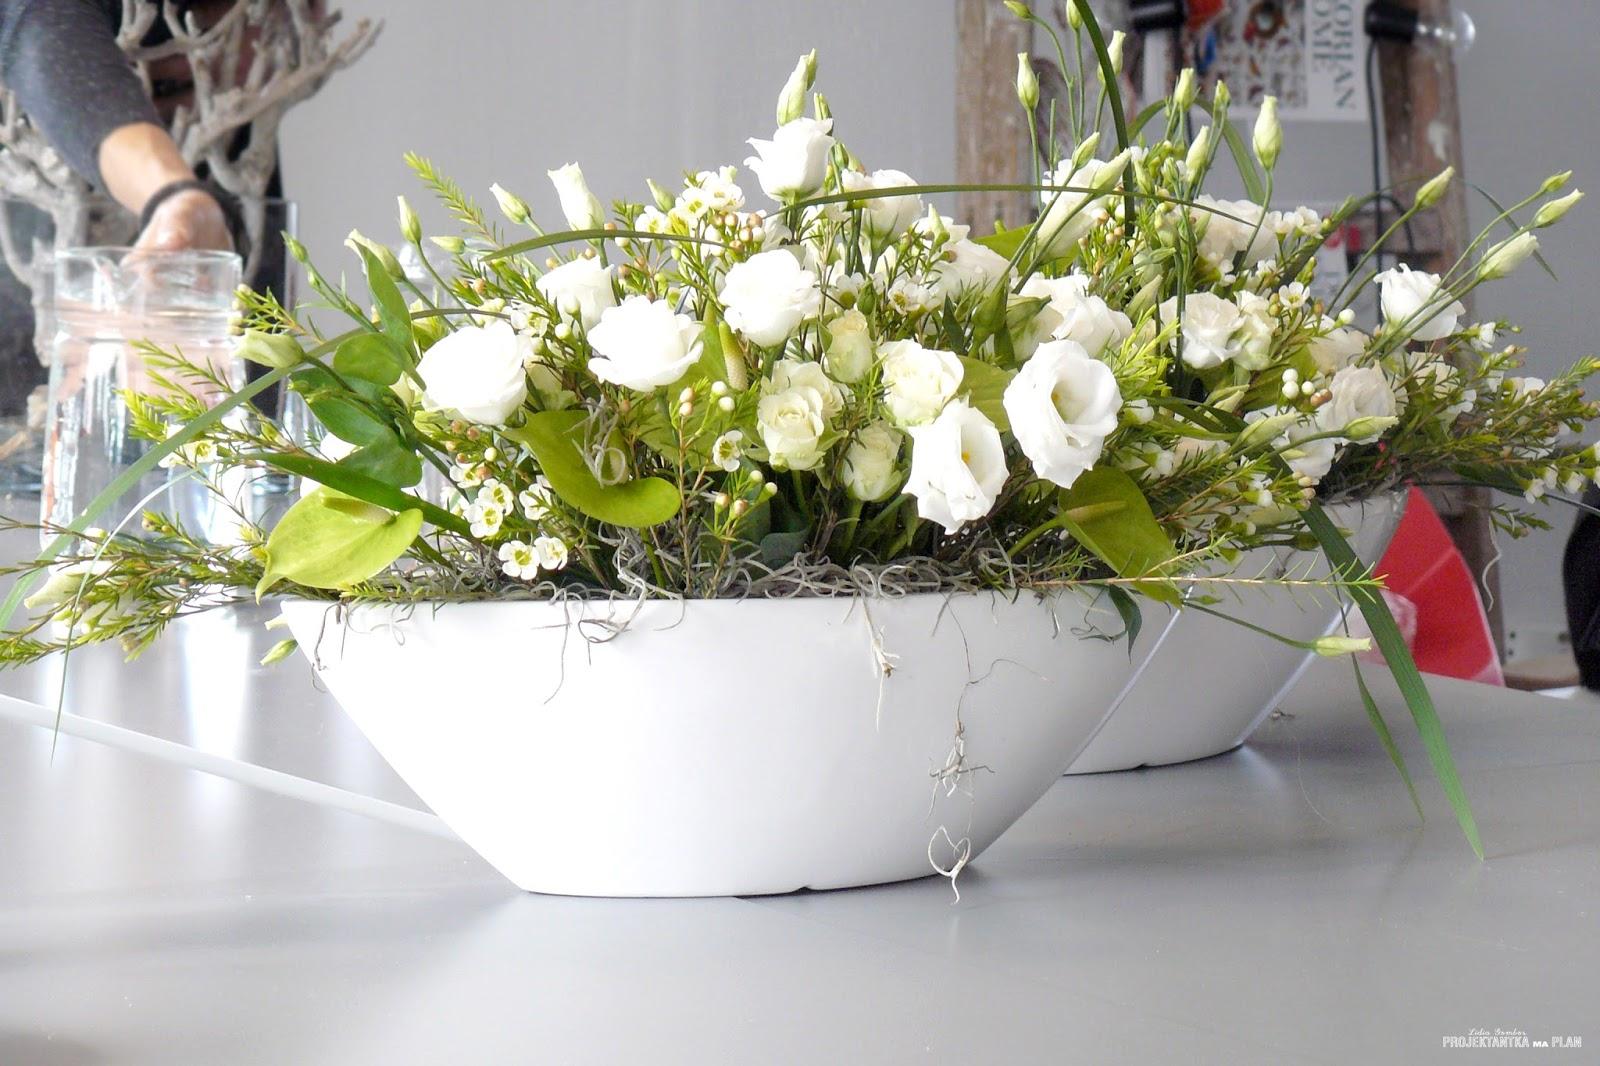 Zajęcia florystyczne - zaawansowany kurs home staging